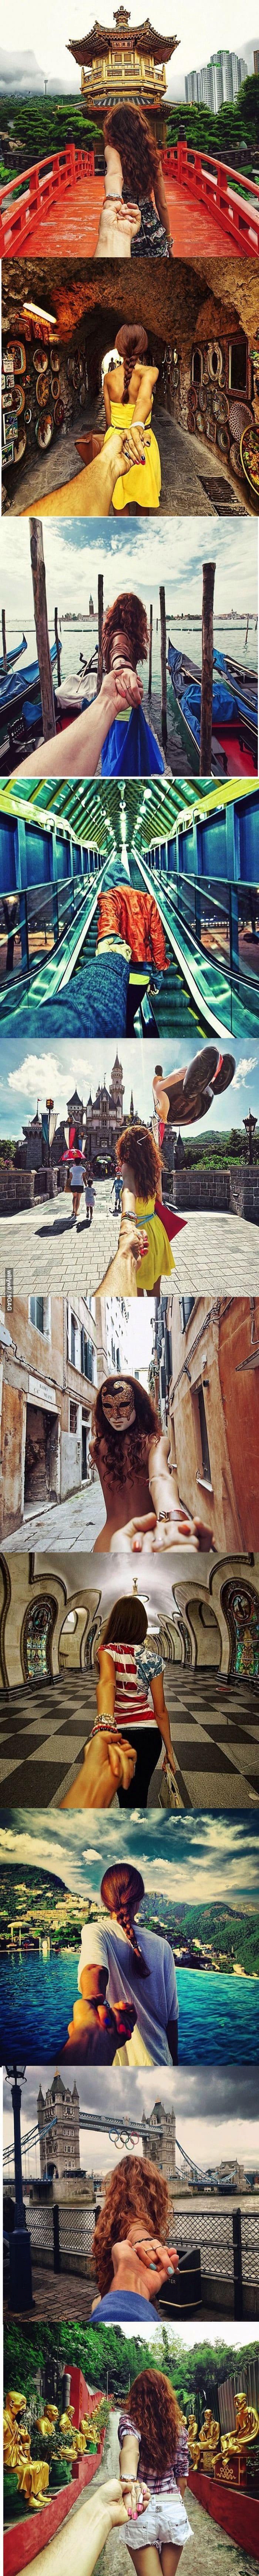 Girlfriend Leading Boyfriend Around the World